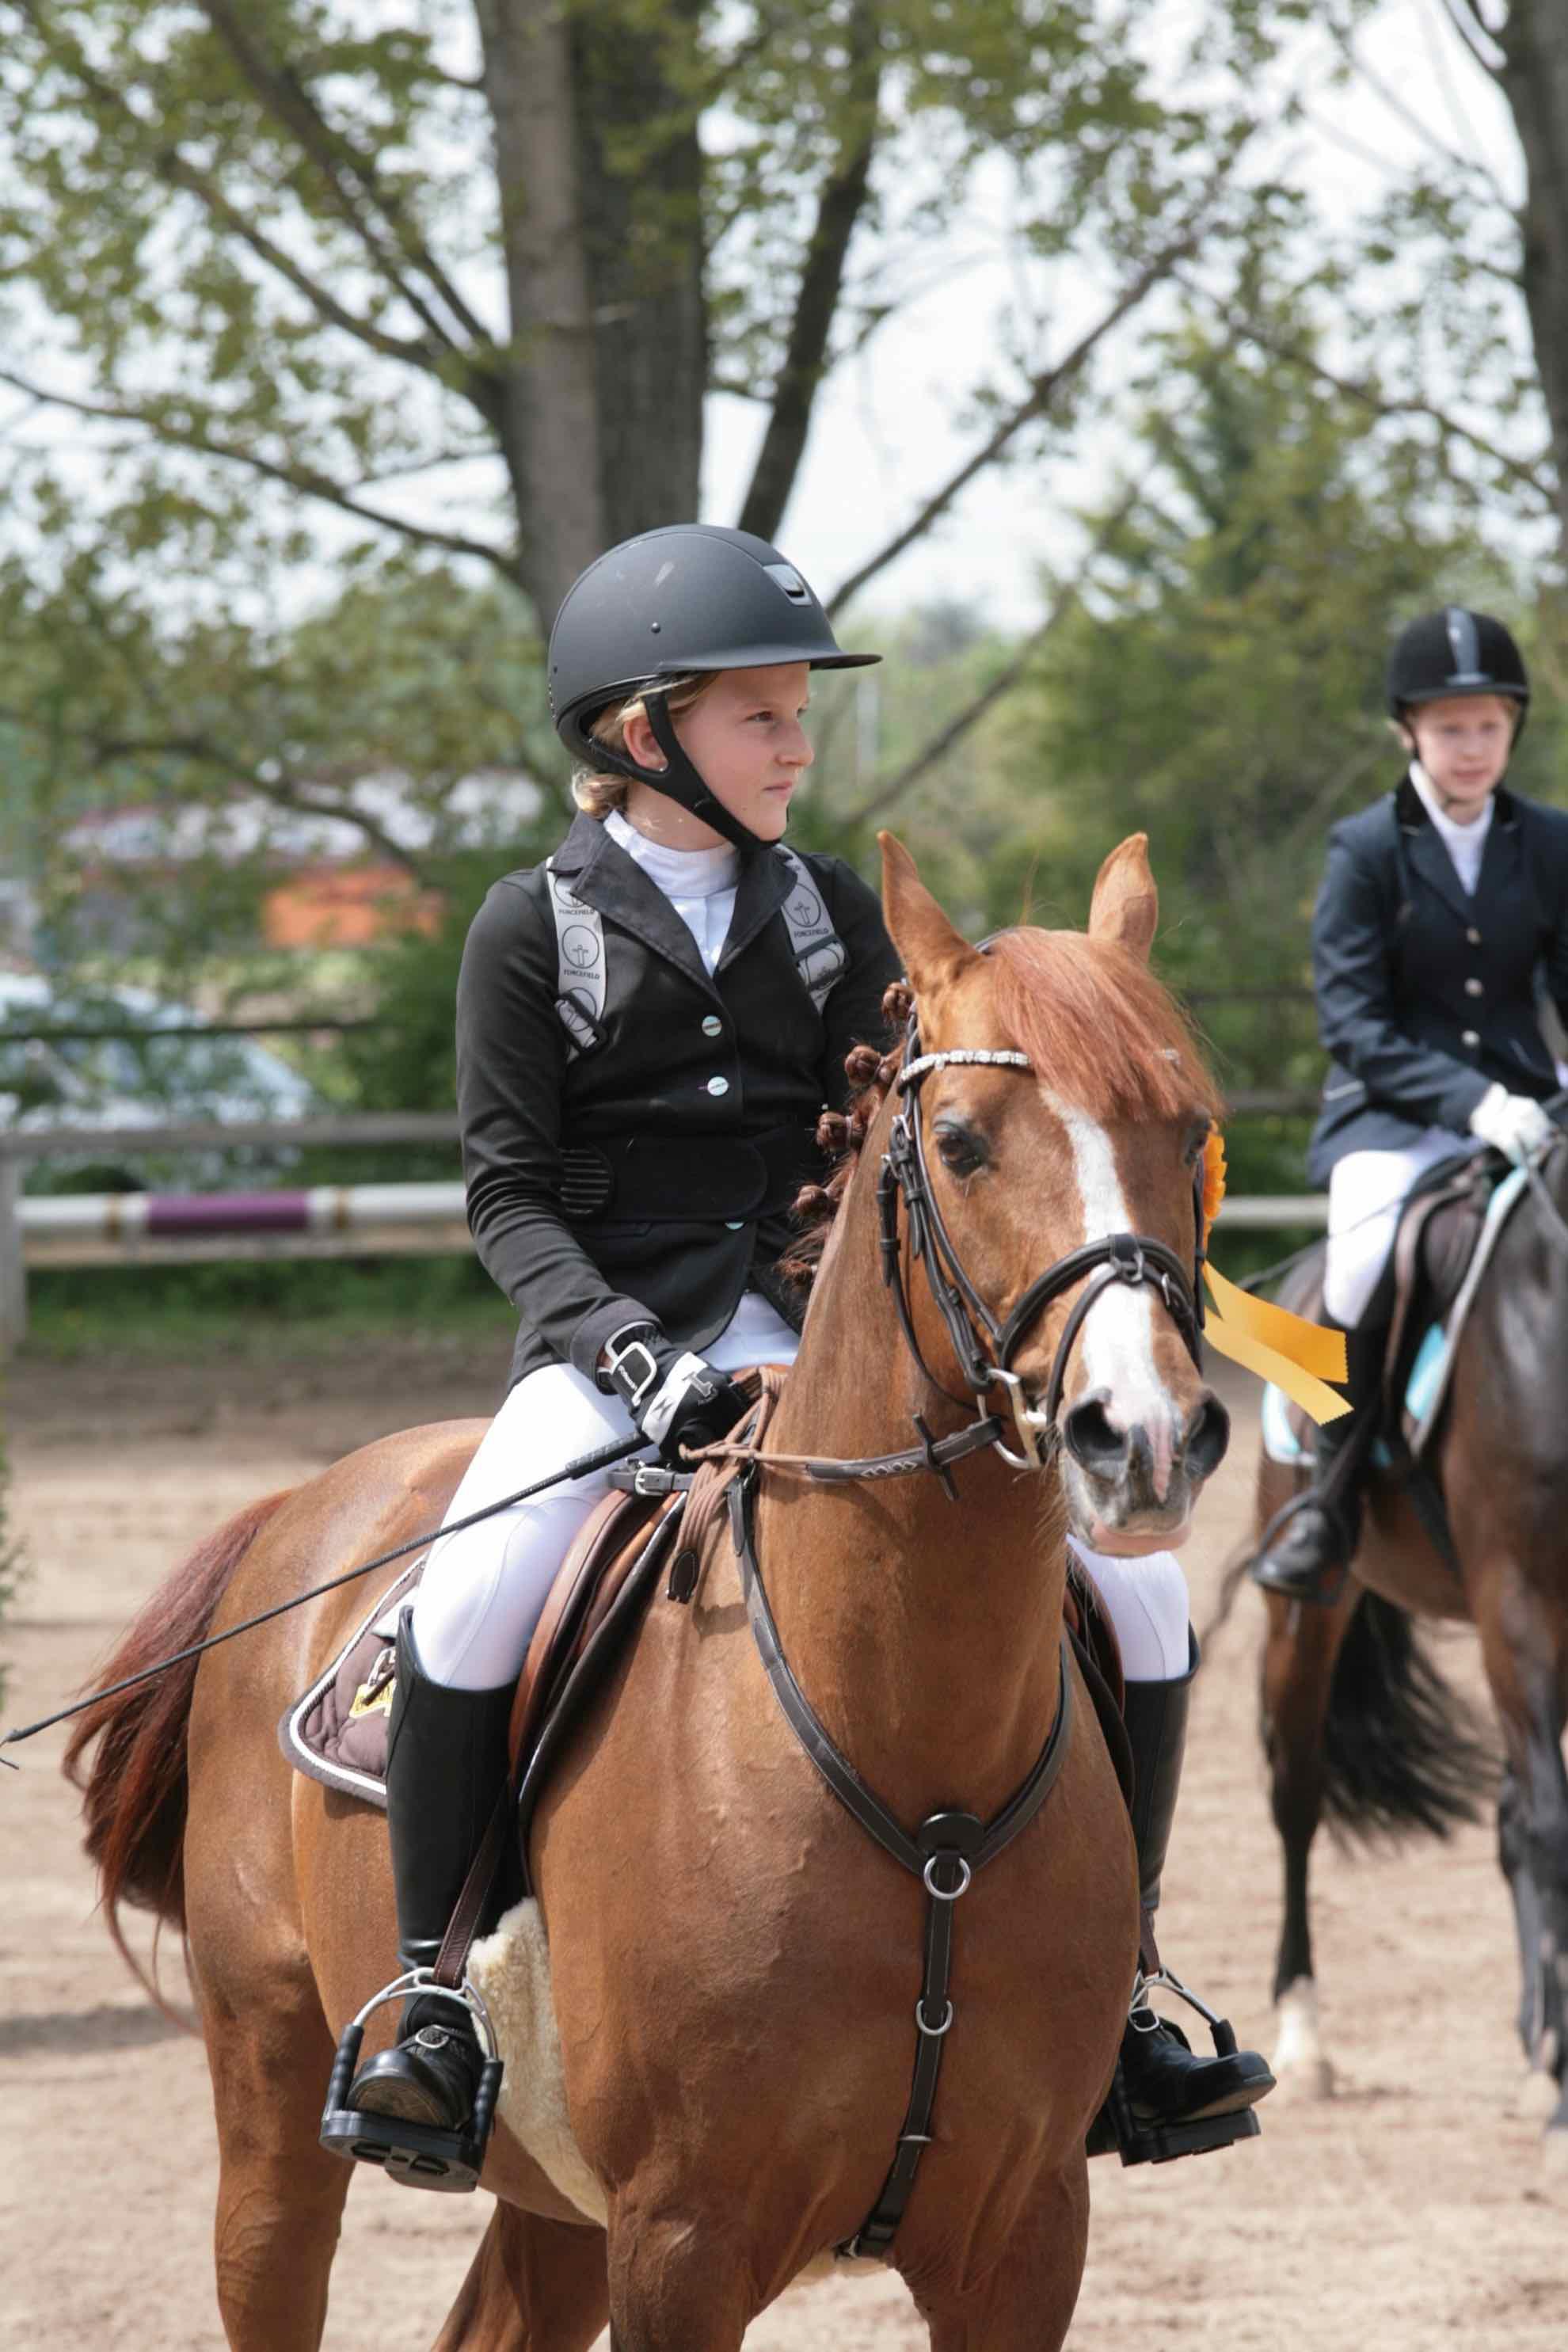 Prüfung 25 Springreiter Wettbewerb - 1. Platz - Antonia Kircher auf High Hope 3 - RUF Pfungstadt e.V.